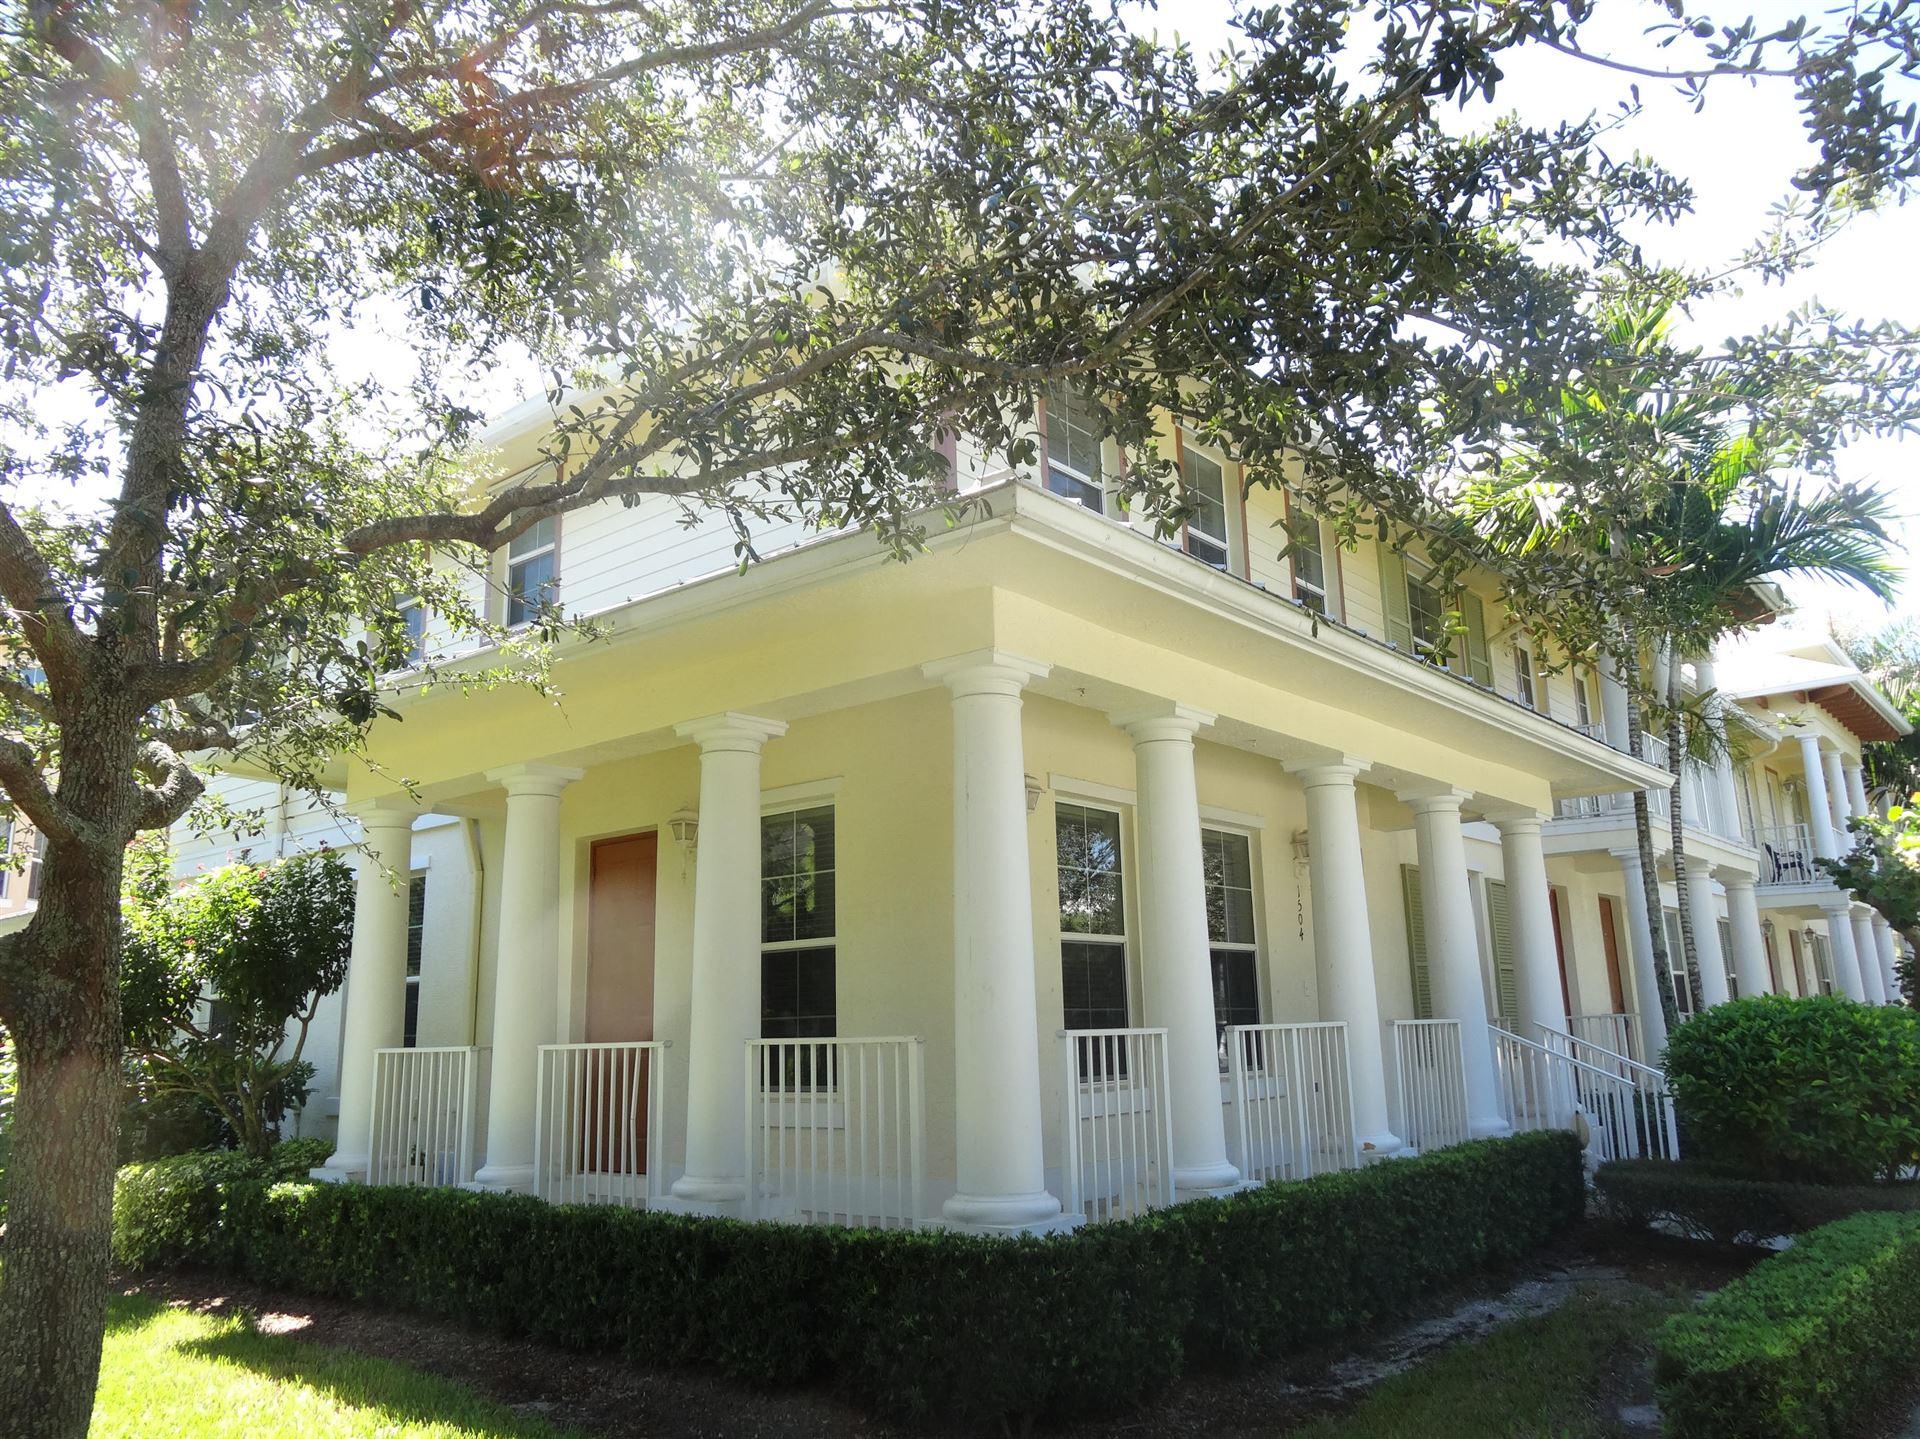 Photo of 1504 W Frederick Small Road, Jupiter, FL 33458 (MLS # RX-10732191)